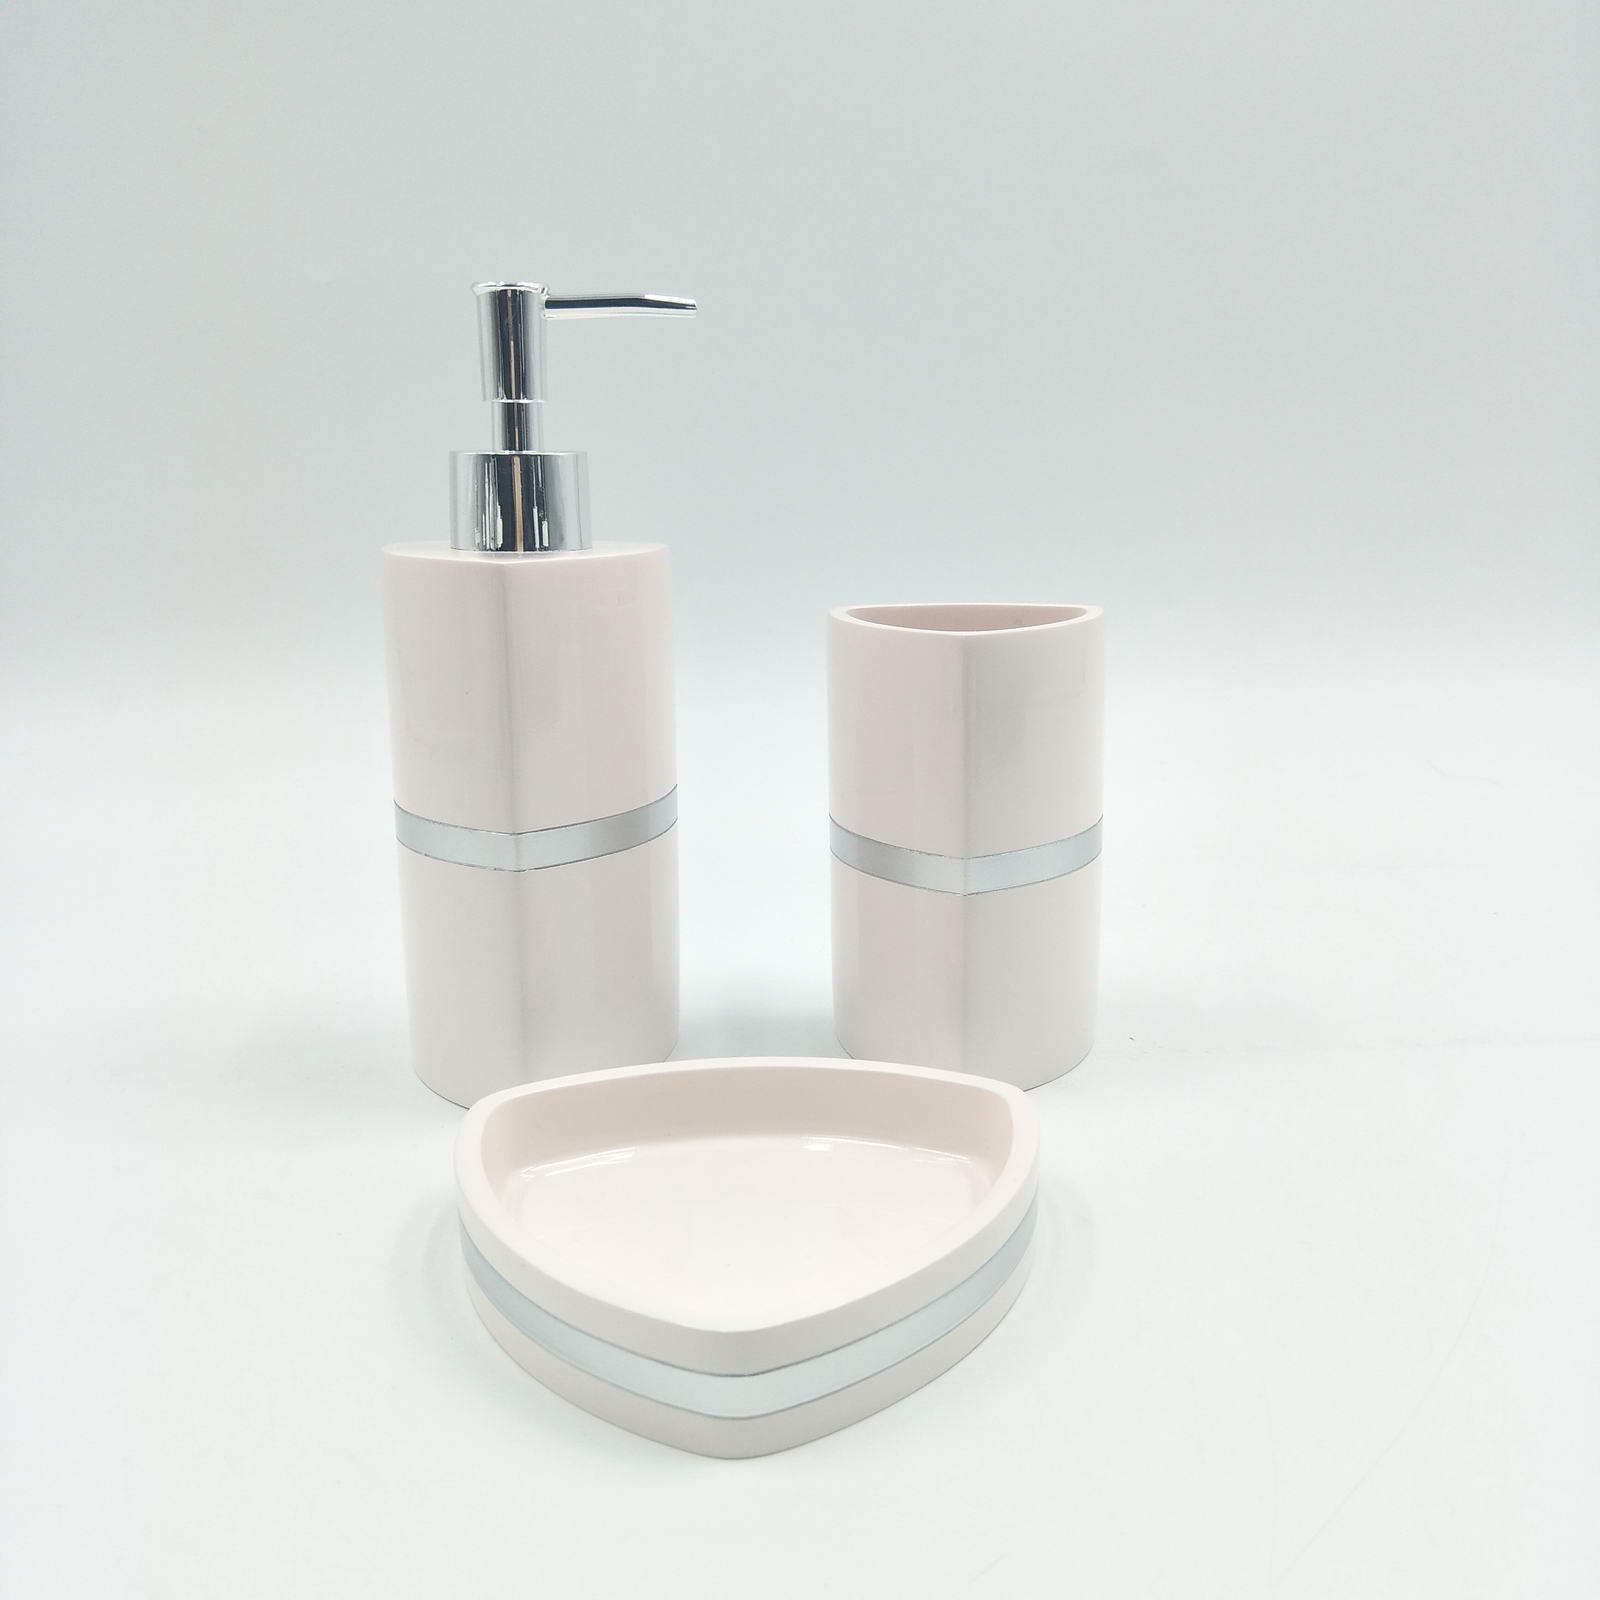 Набор для ванной комнаты Sofi de Marko ВК-55-розГ, ВК-55-розГ, розовыйВК-55-розГПодарочный набор для ванны. Комплектация: Дозатор для жидкого мыла Стаканчик для зубных щеток Мыльница для твердого мыла 100% Полирезина Упаковка: подарочная коробка